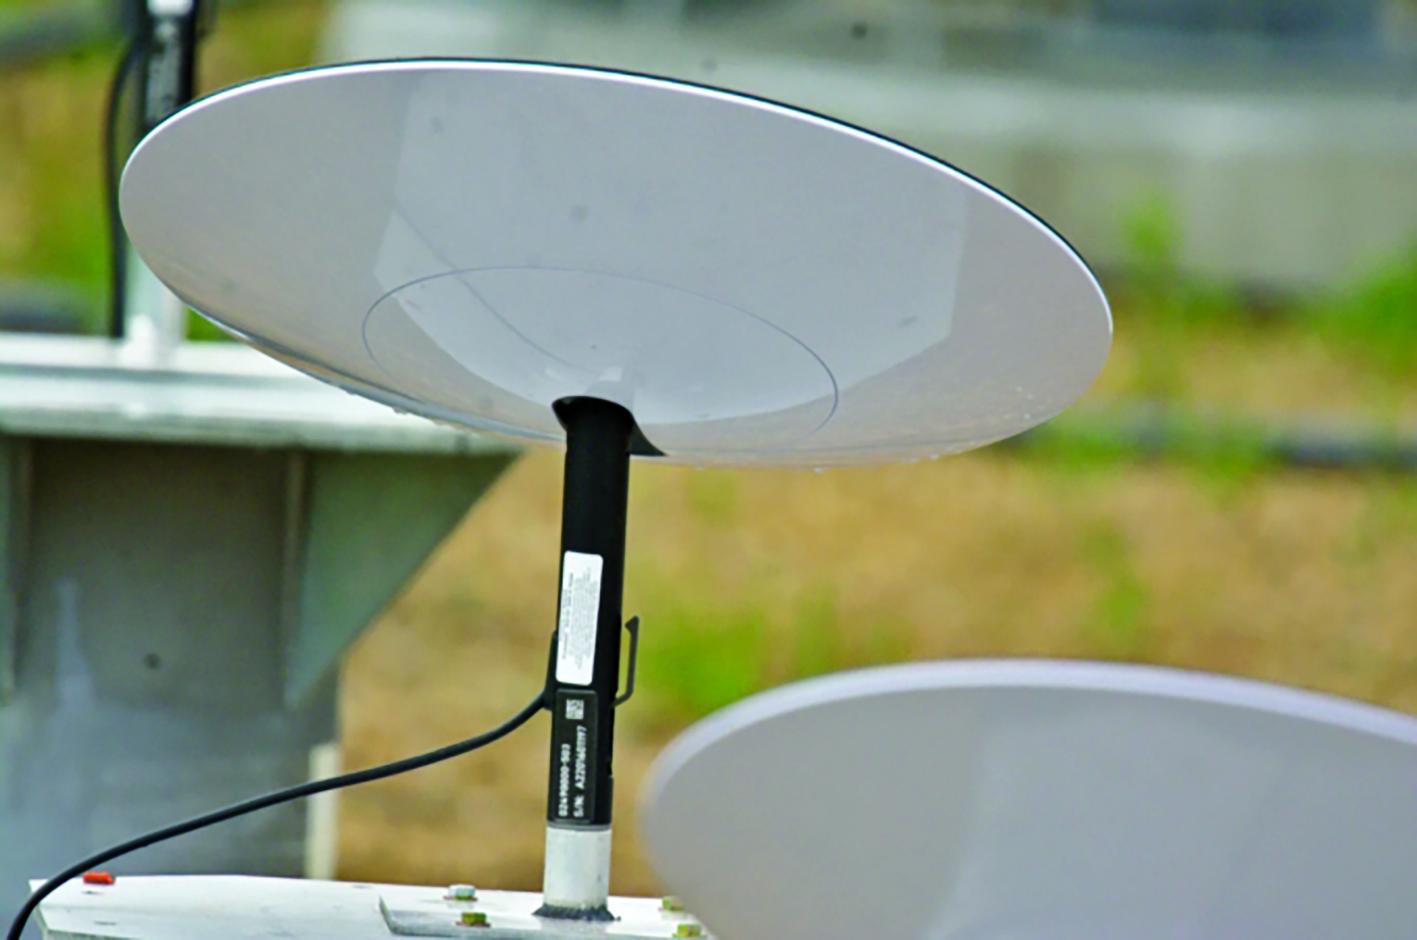 Thiết bị thu tín hiệu Internet vệ tinh Starlink của SpaceX. Ảnh: Reddit.